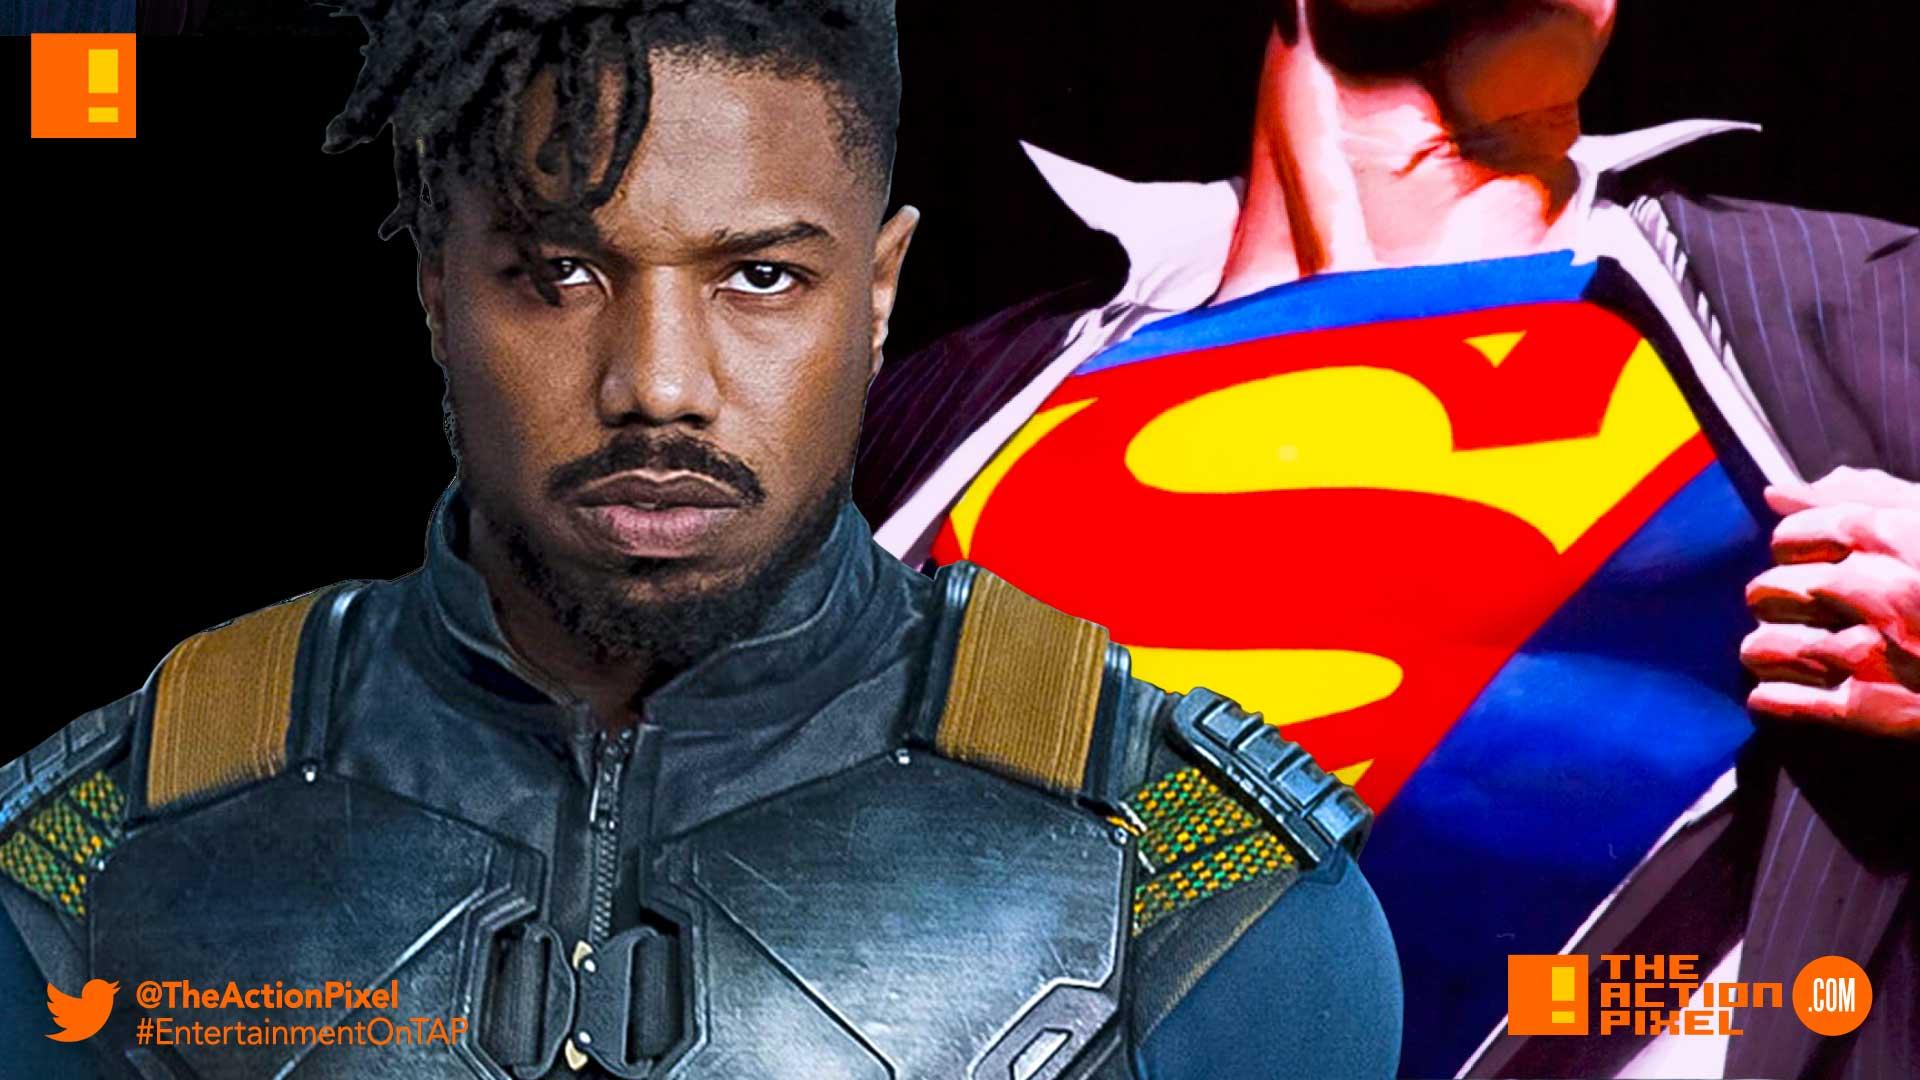 michael b jordan, dc comics, Superman, dceu, superman movie, casting, the action pixel, entertainment on tap